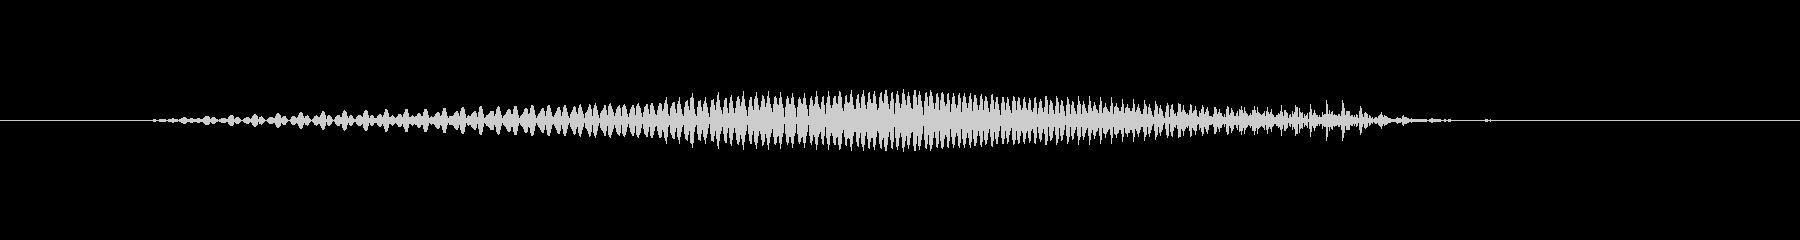 数字の2(に)-明るいトーンお兄さの未再生の波形